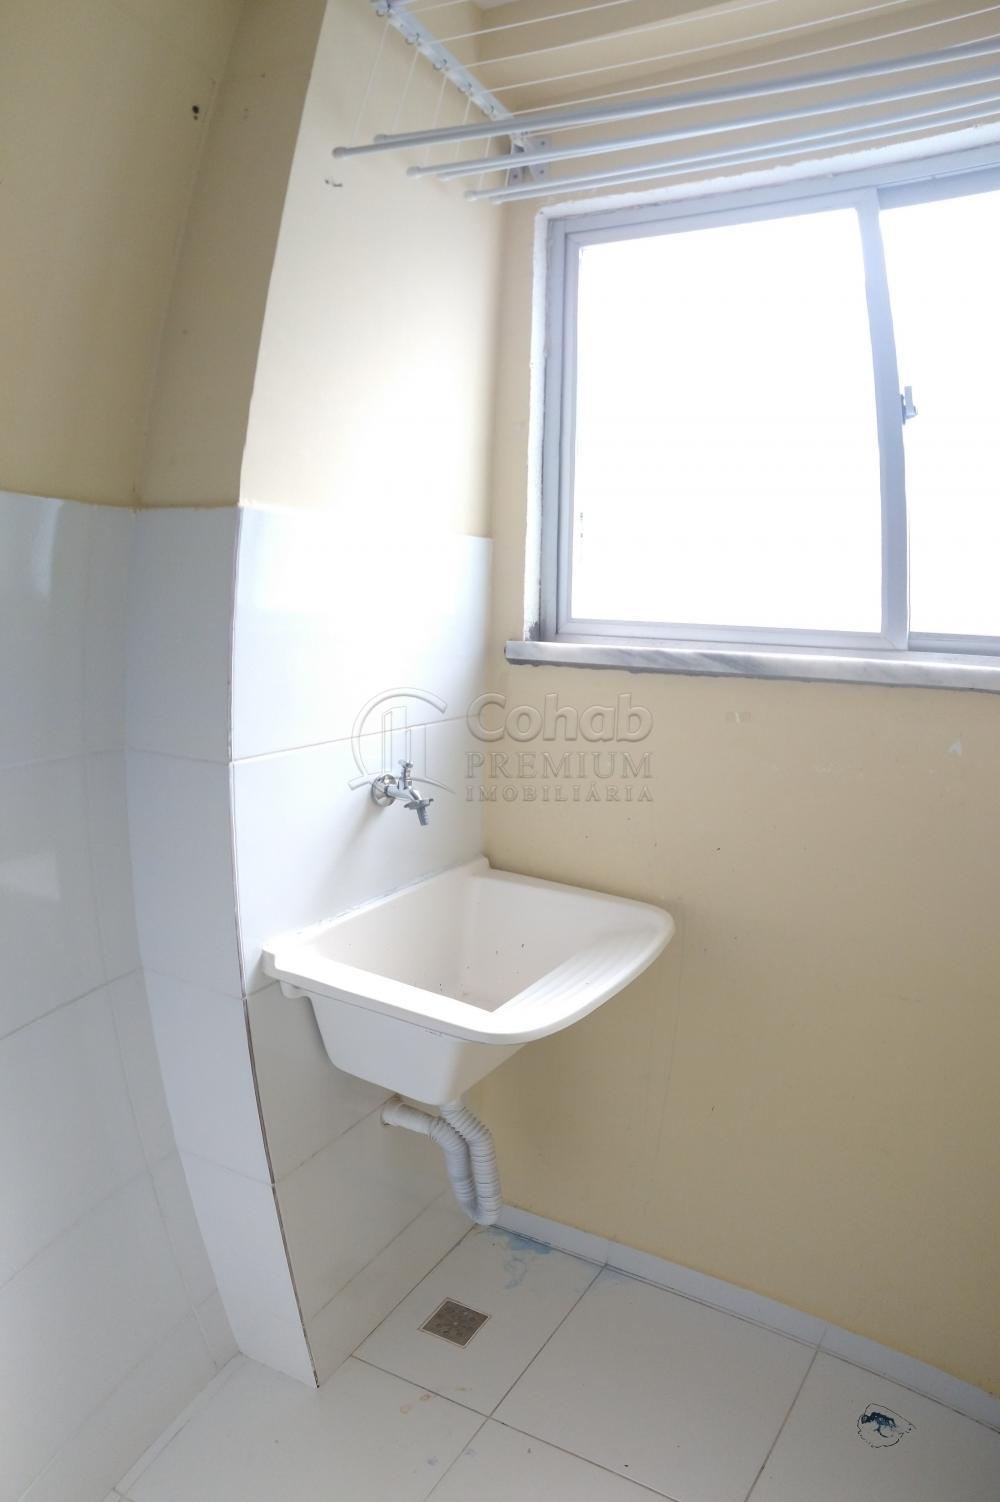 Alugar Apartamento / Padrão em Aracaju apenas R$ 450,00 - Foto 12